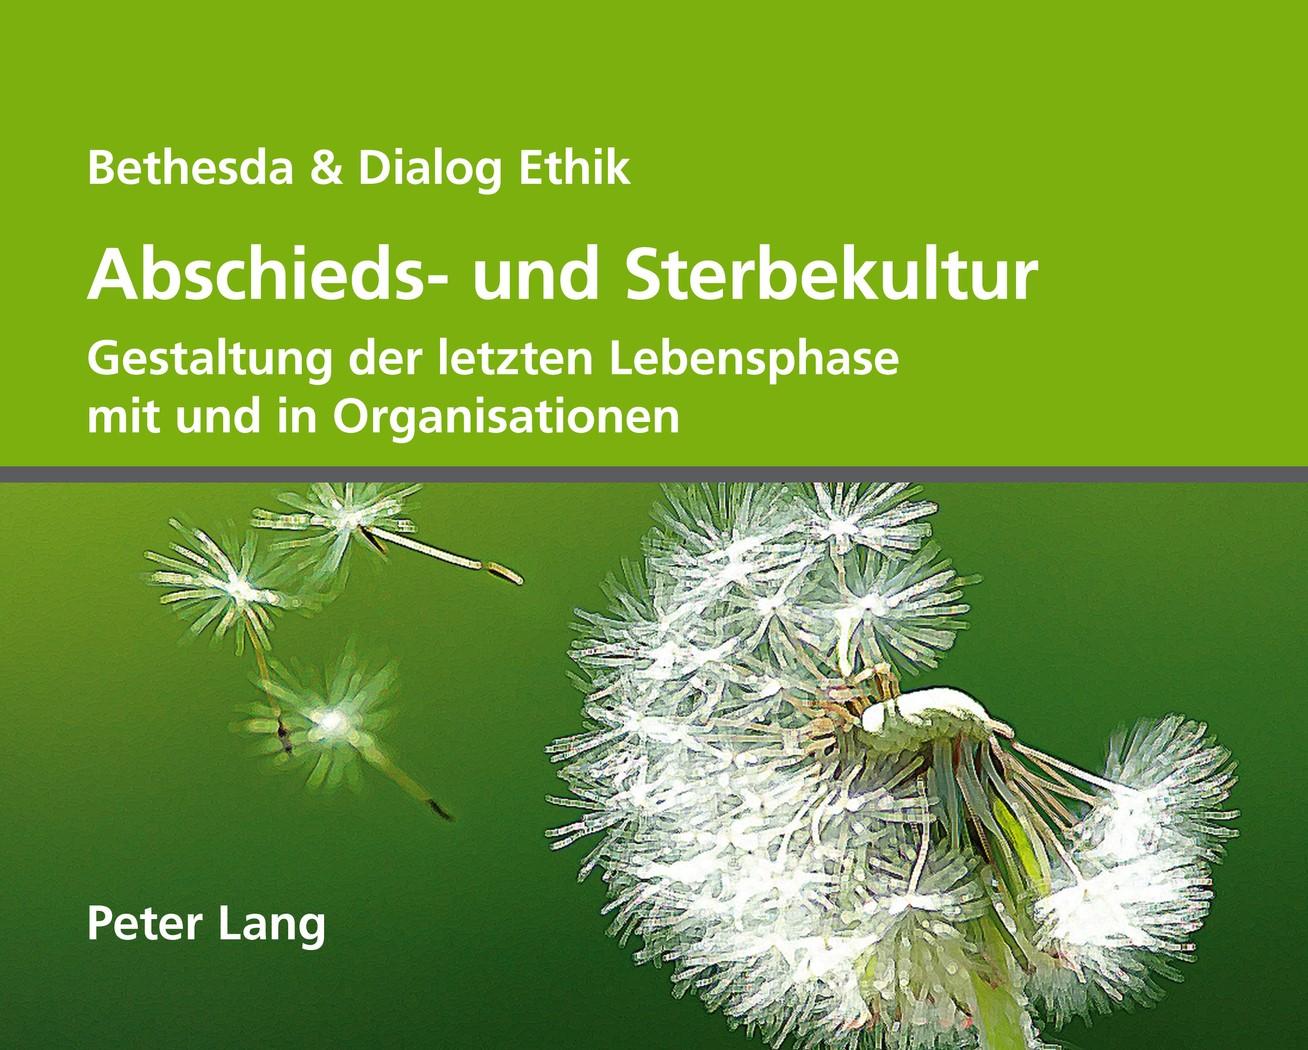 Abschieds- und Sterbekultur, 2012 | Buch (Cover)